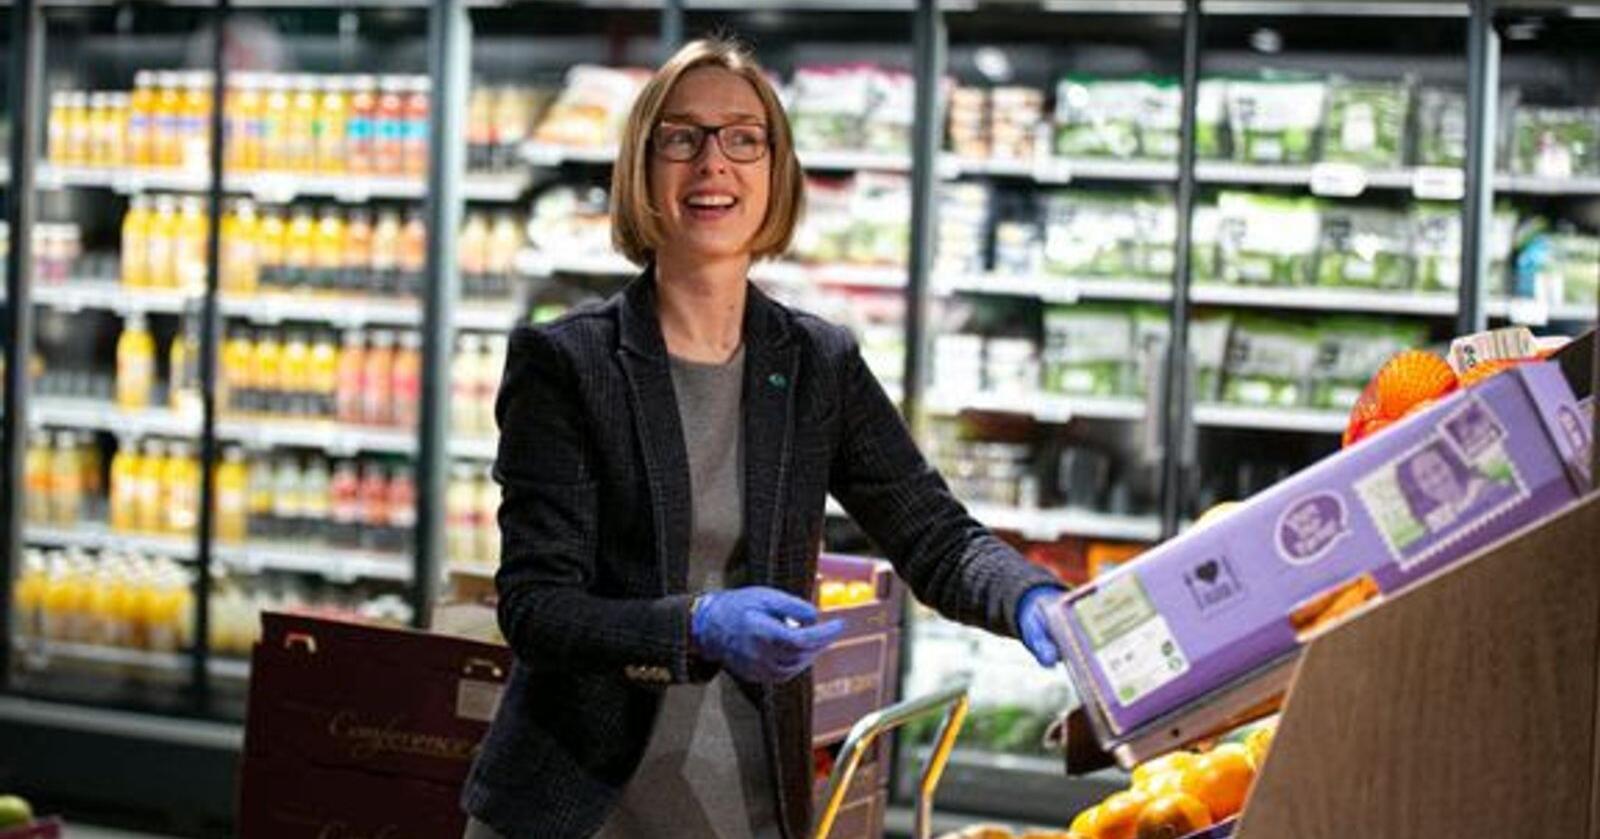 Ifølge næringsminister Iselin Nybø vil ikke den nye loven om god handelsskikk svekke forhandlingsmakten til dagligvarekjedene. Foto: Nærings- og fiskeridepartementet